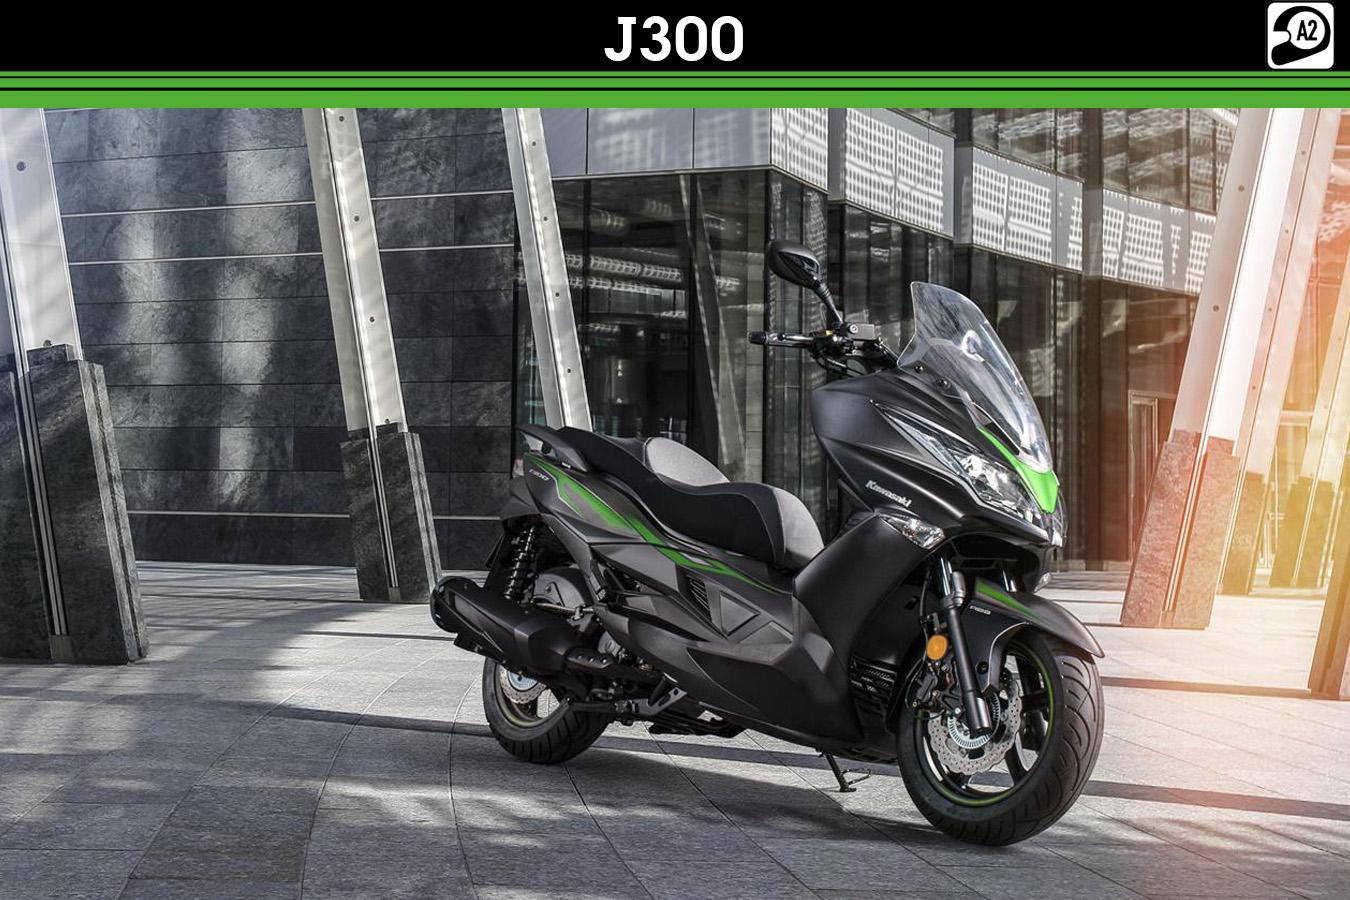 Kawasaki J300 motorscooter